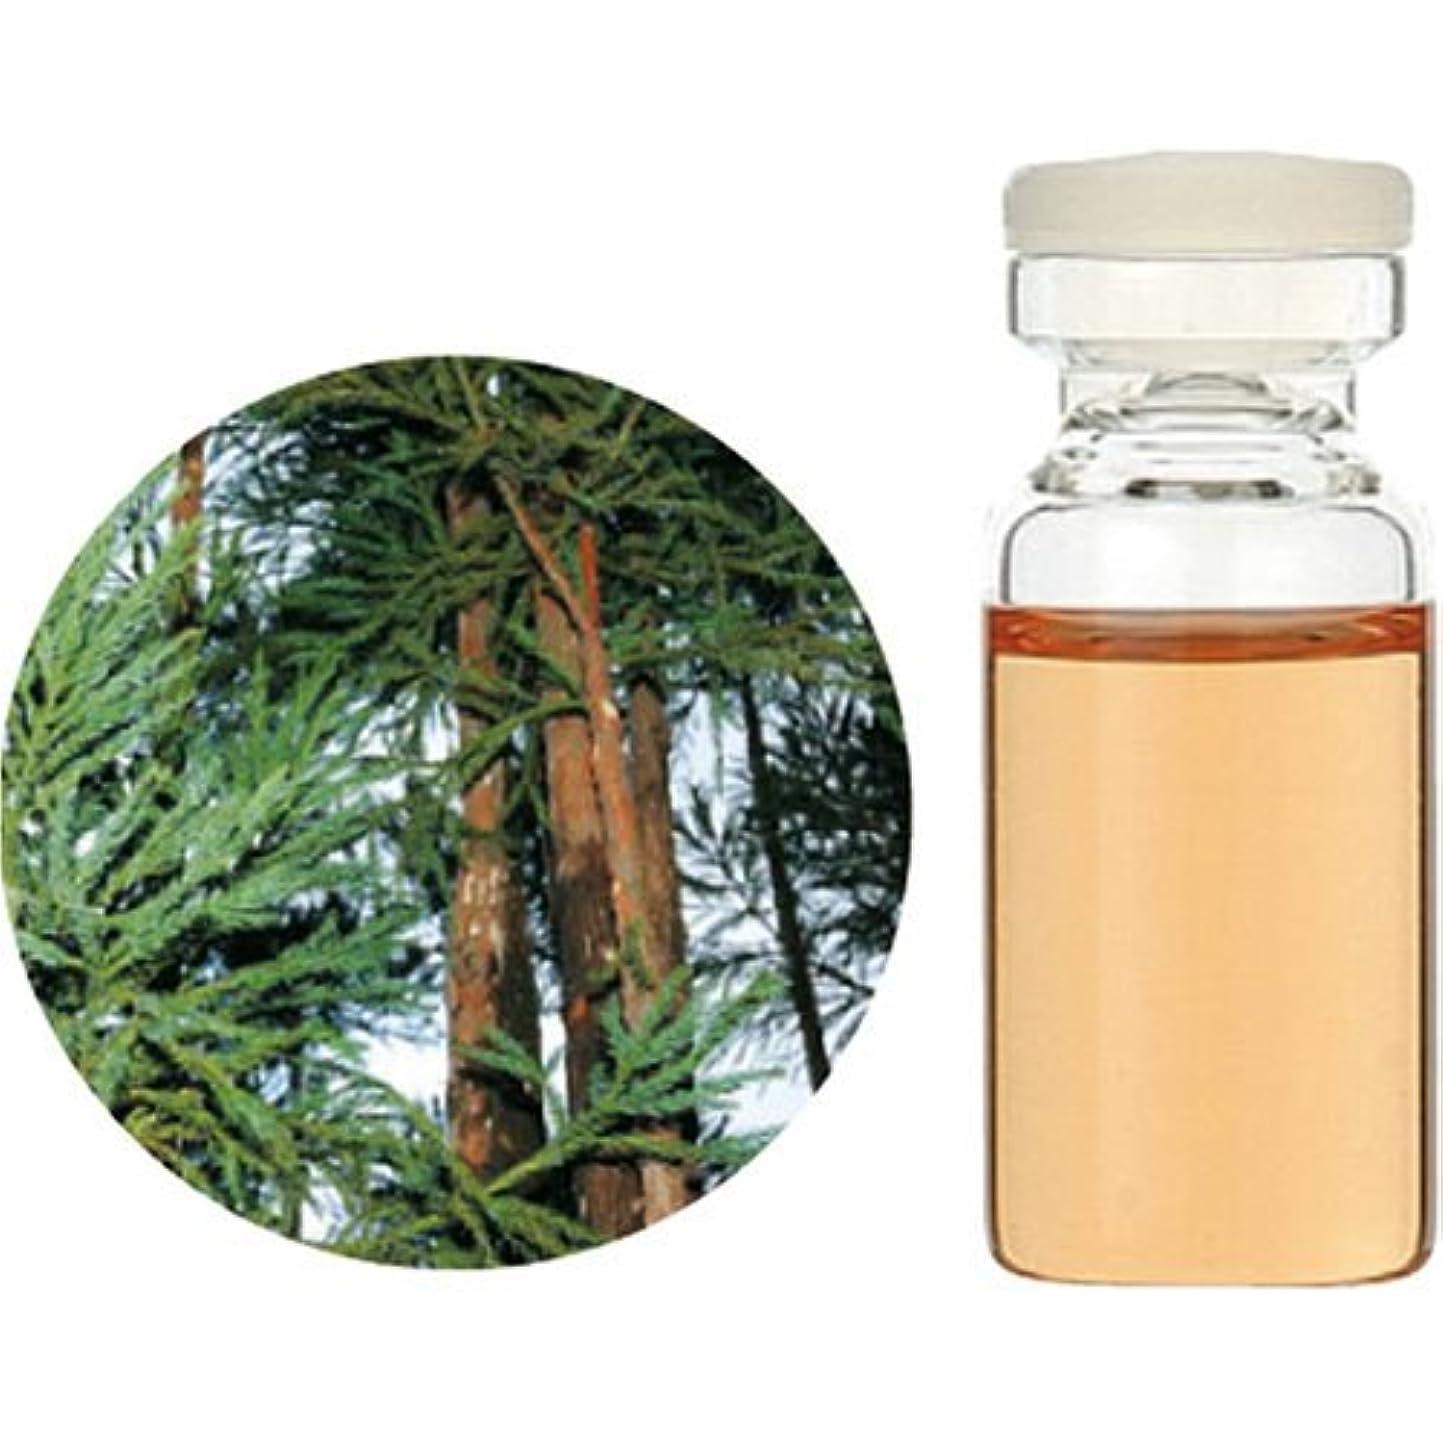 素晴らしい良い多くの思想思われる生活の木 C 和精油 杉 (木部) エッセンシャルオイル 10ml